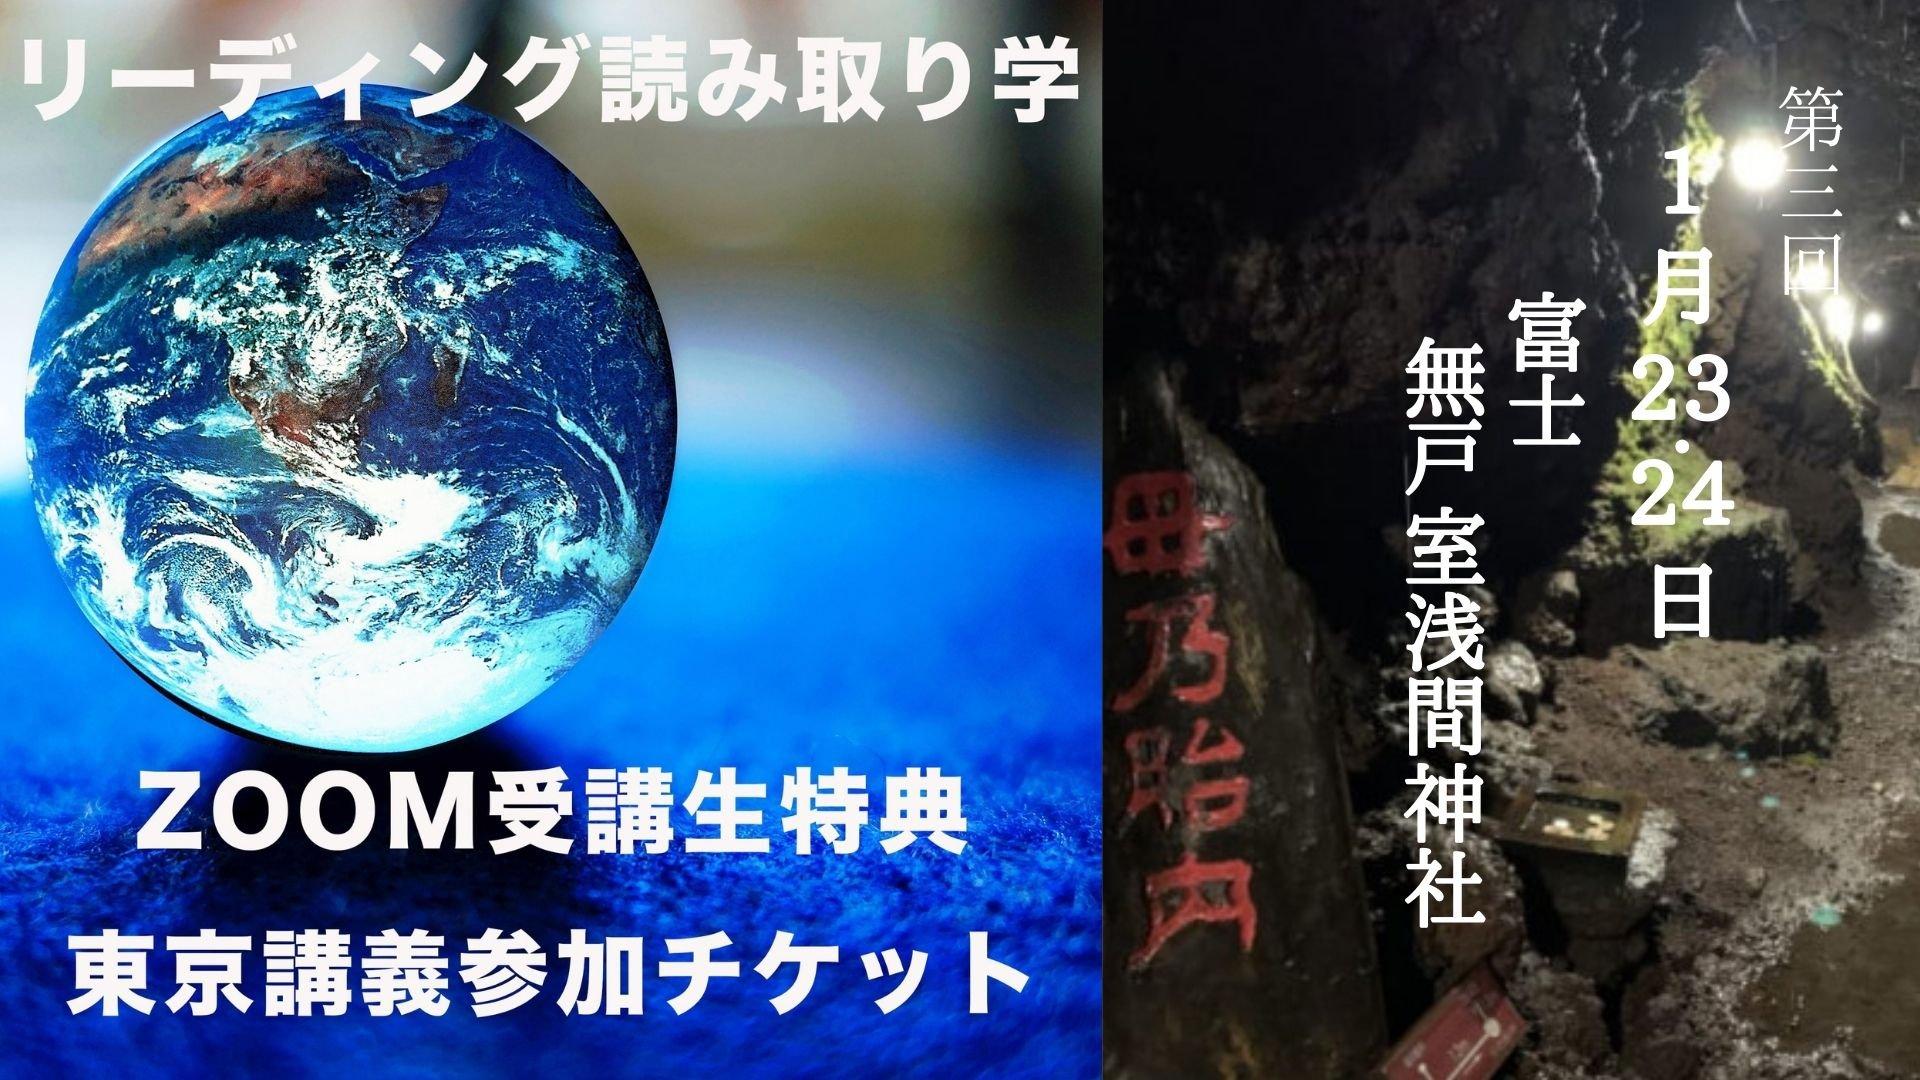 【リーディング・読み取り学オンライン受講生対象】[宿泊](第三回)実地体験 1/23-24 山梨県「富士山裾野」のイメージその1